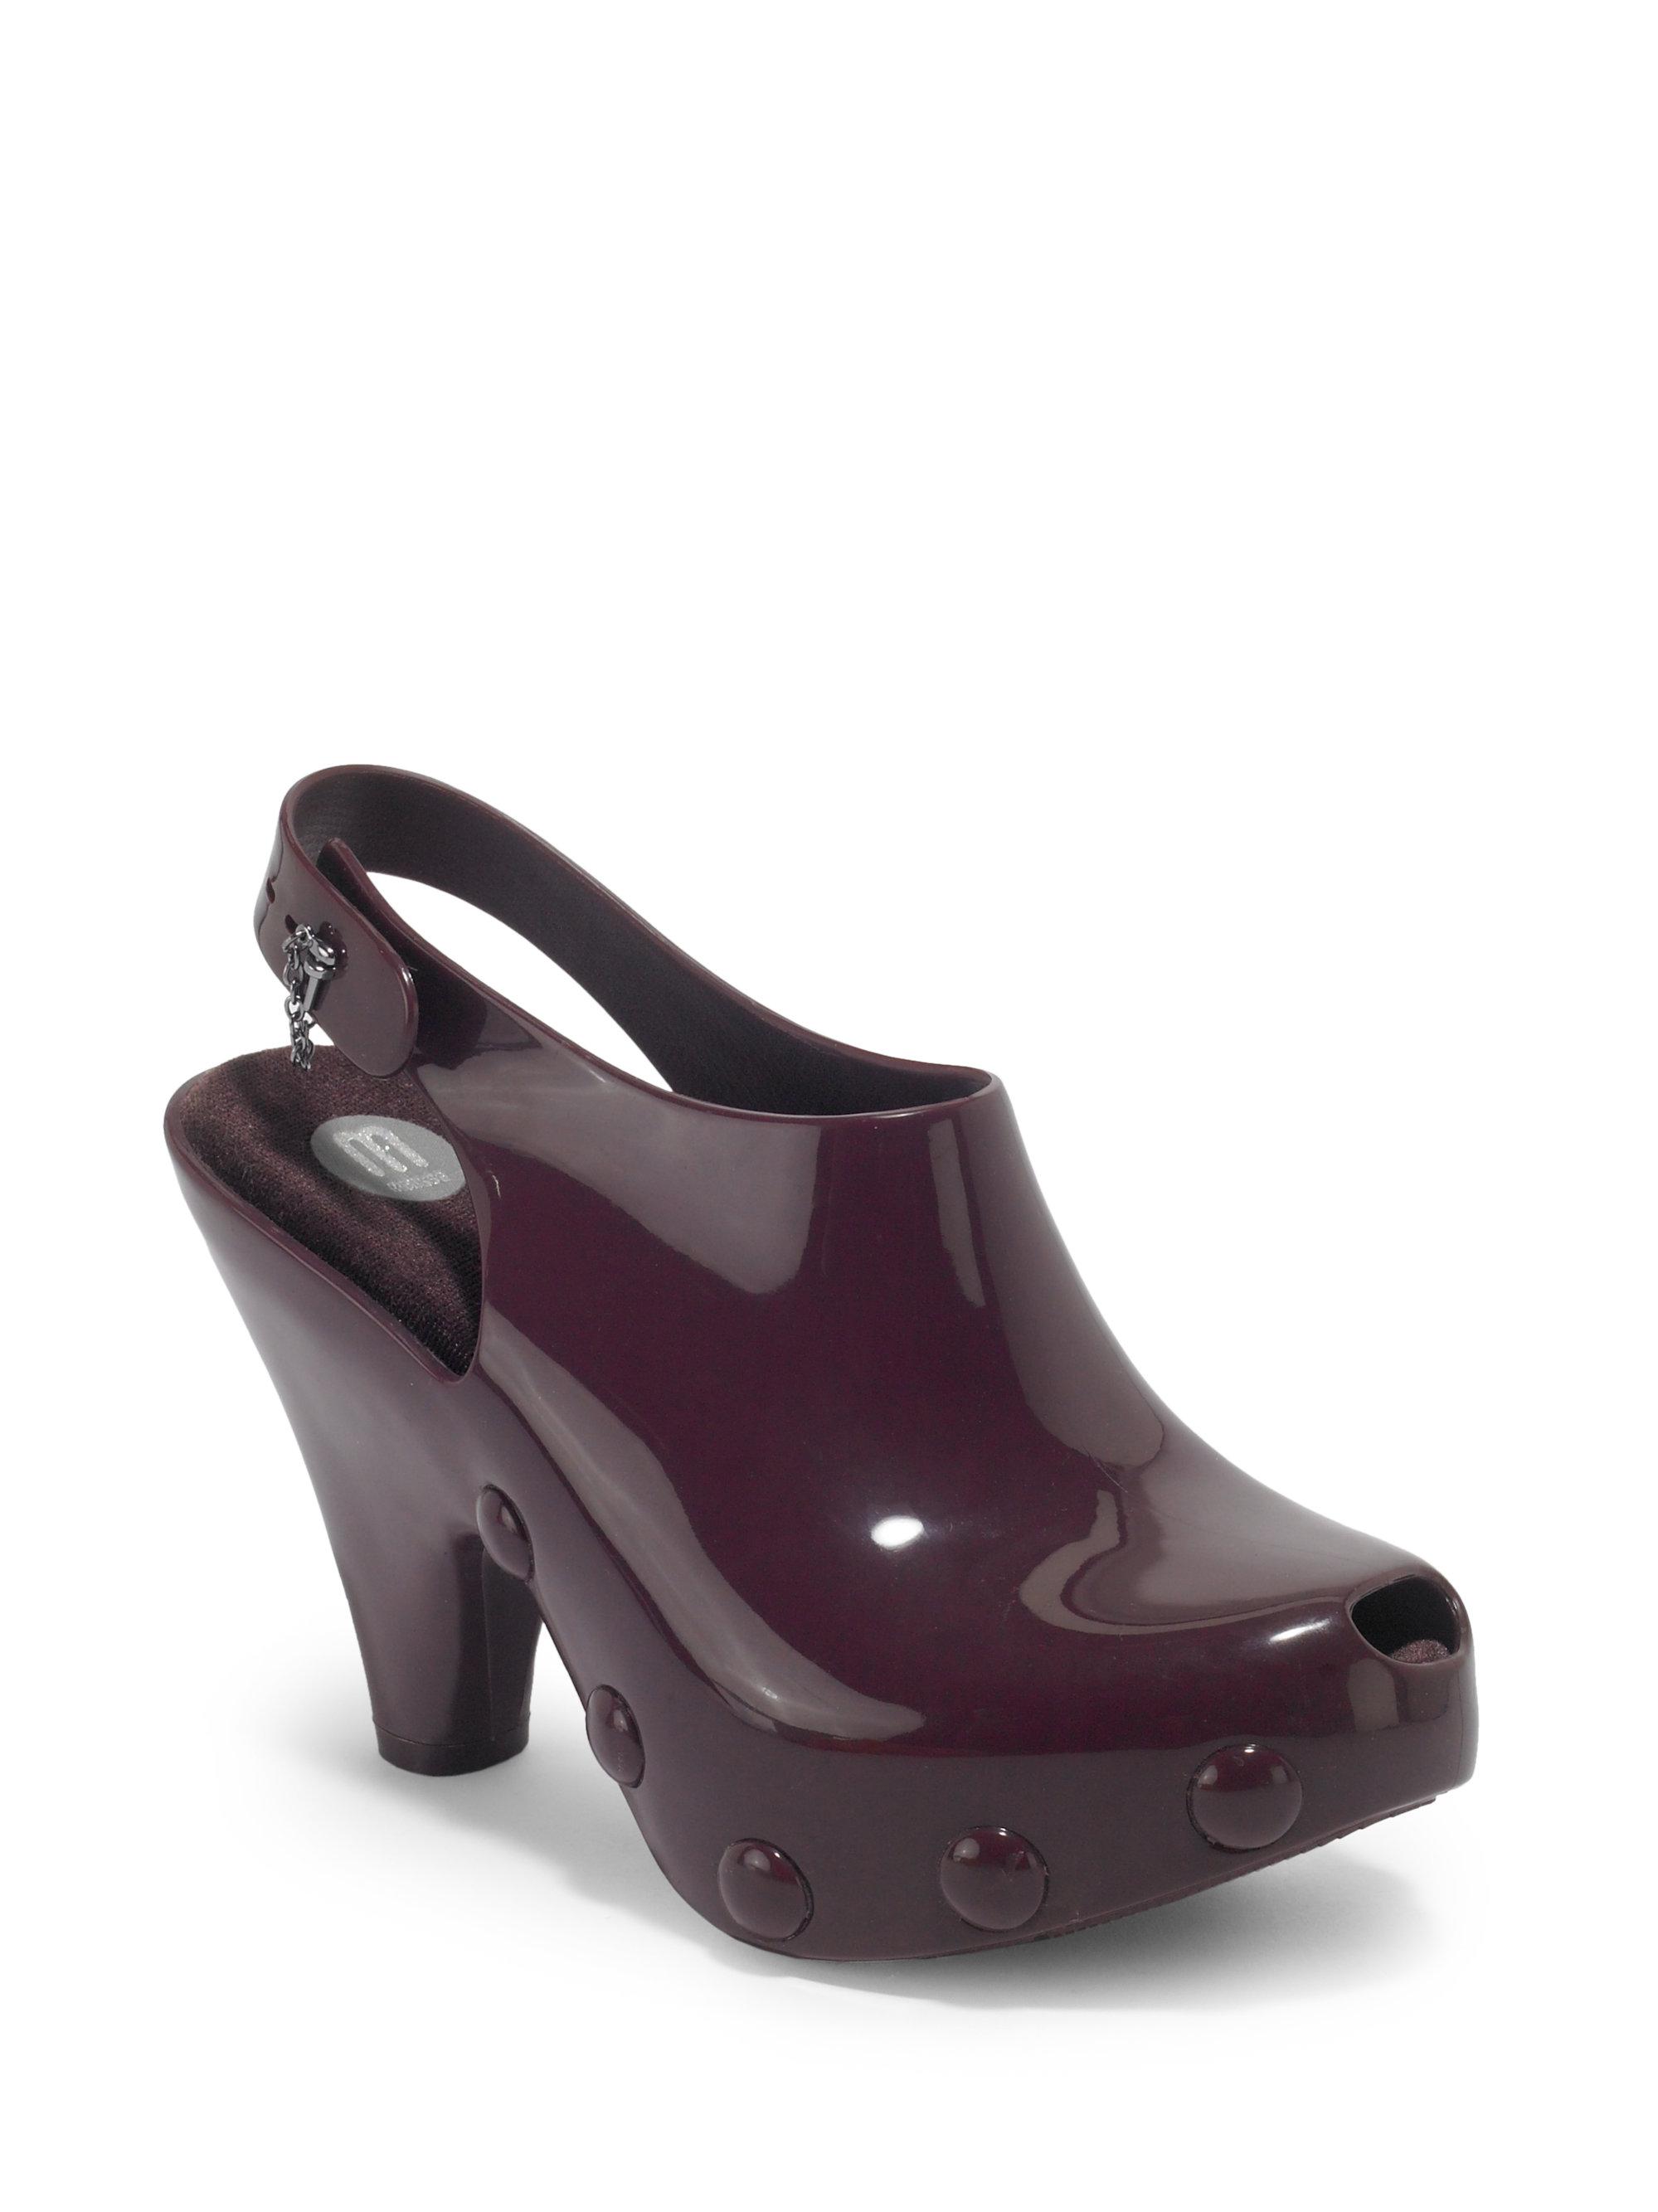 S Clog Sandals 28 Images Toms Sandstorm Leather S